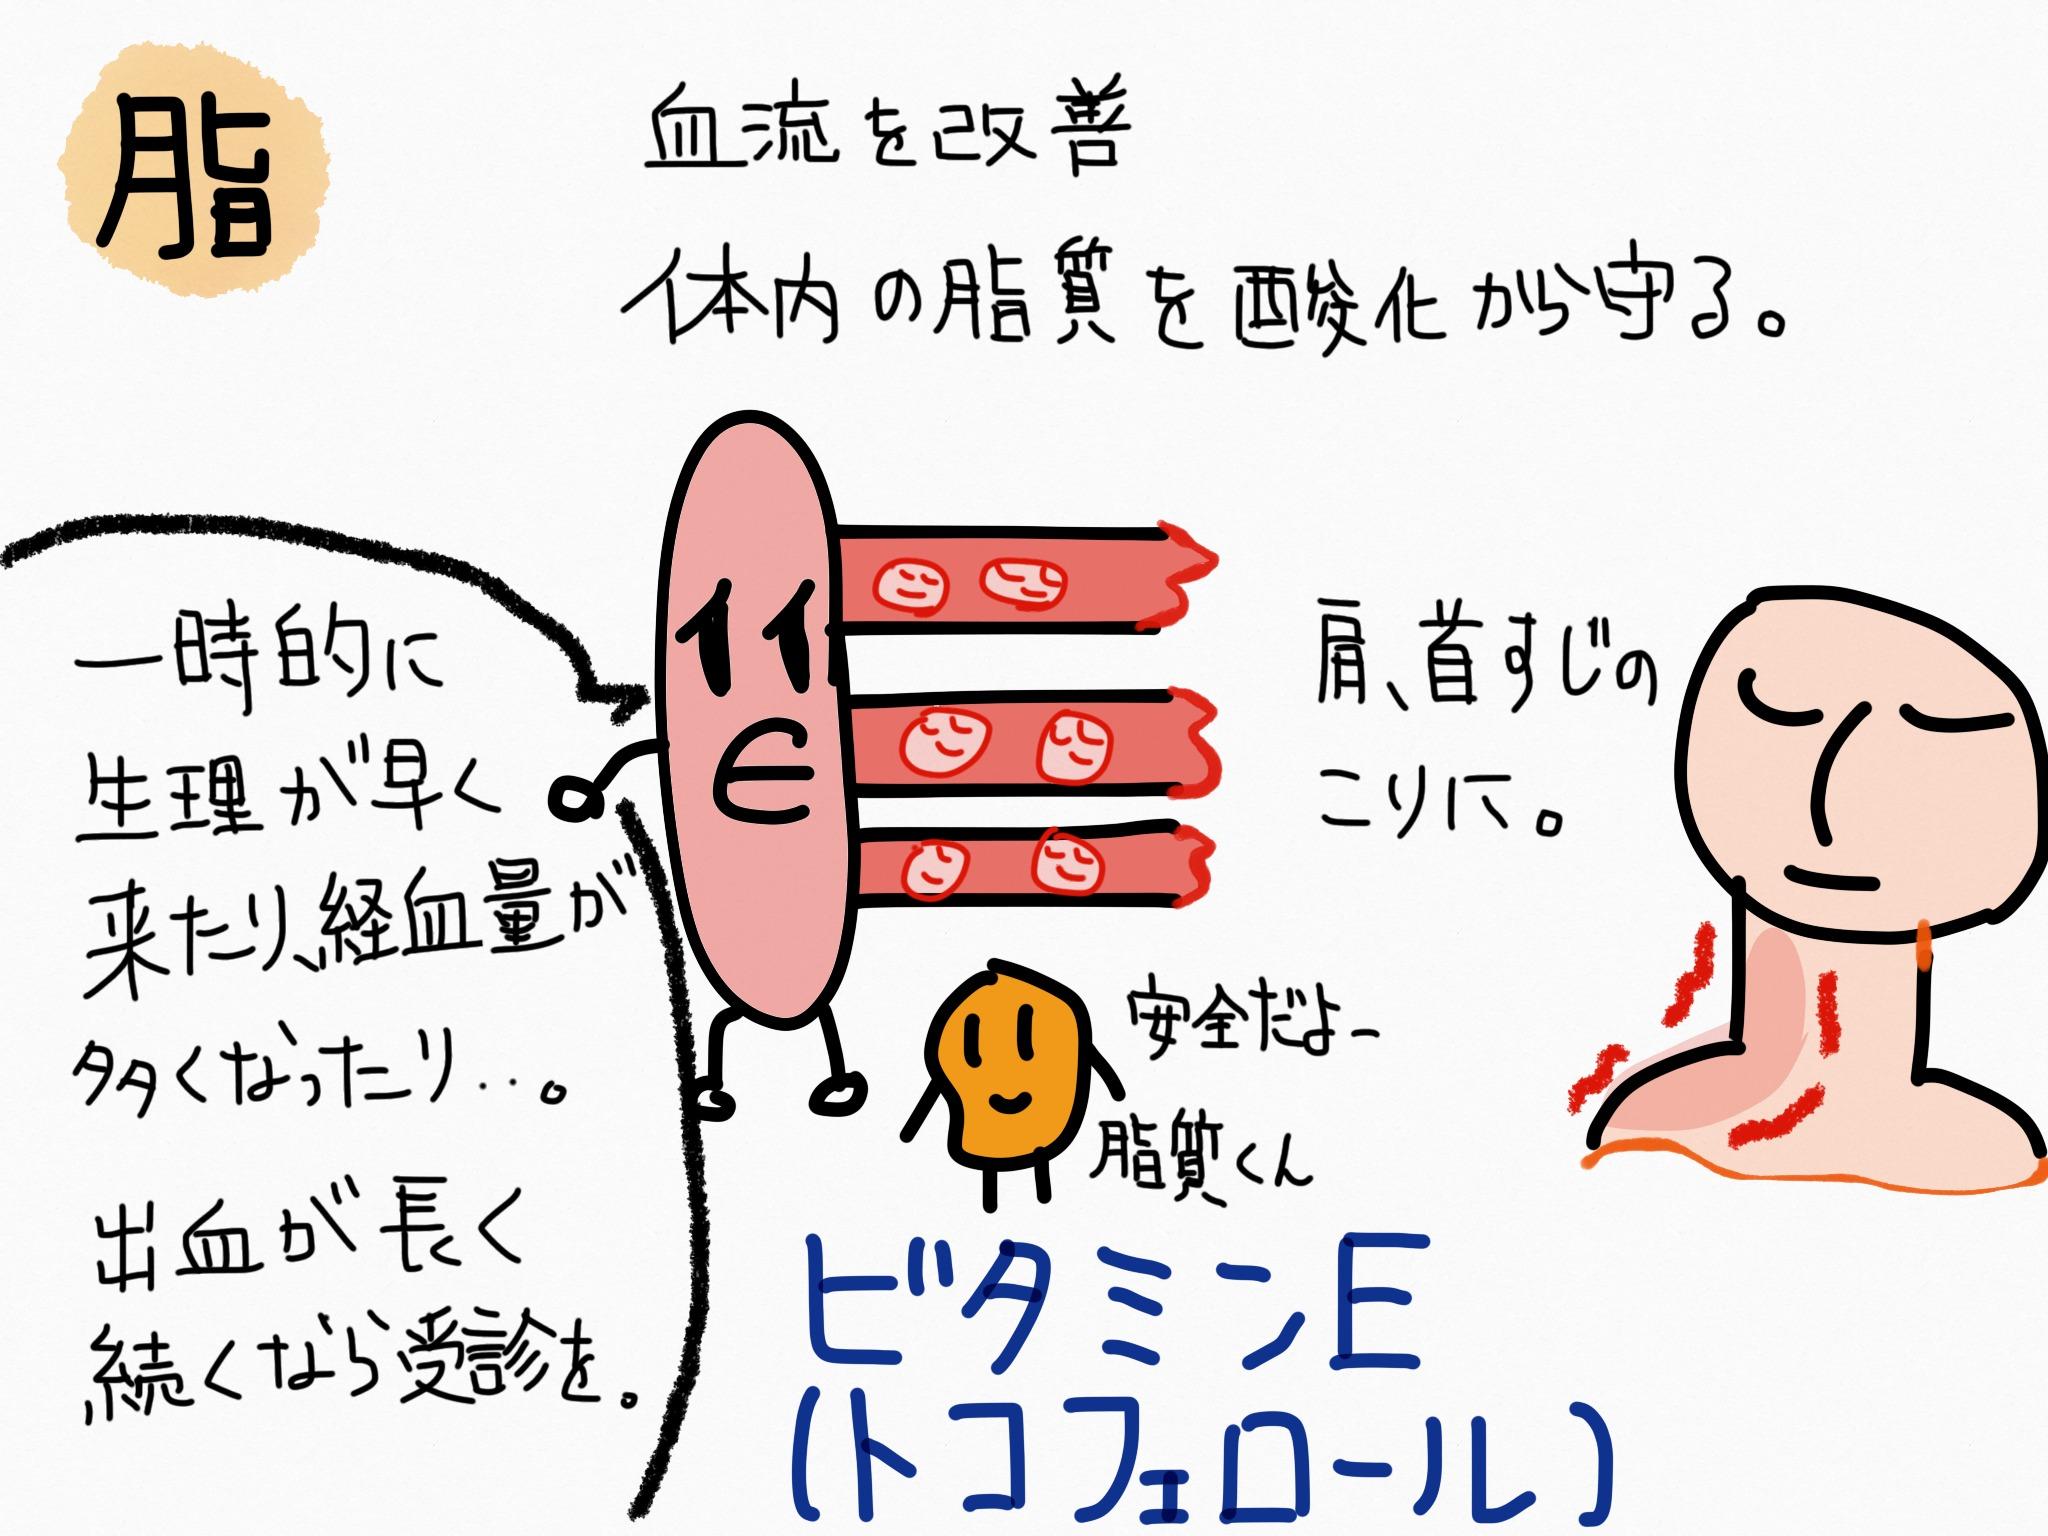 ビタミンE(トコフェロール)の覚え方